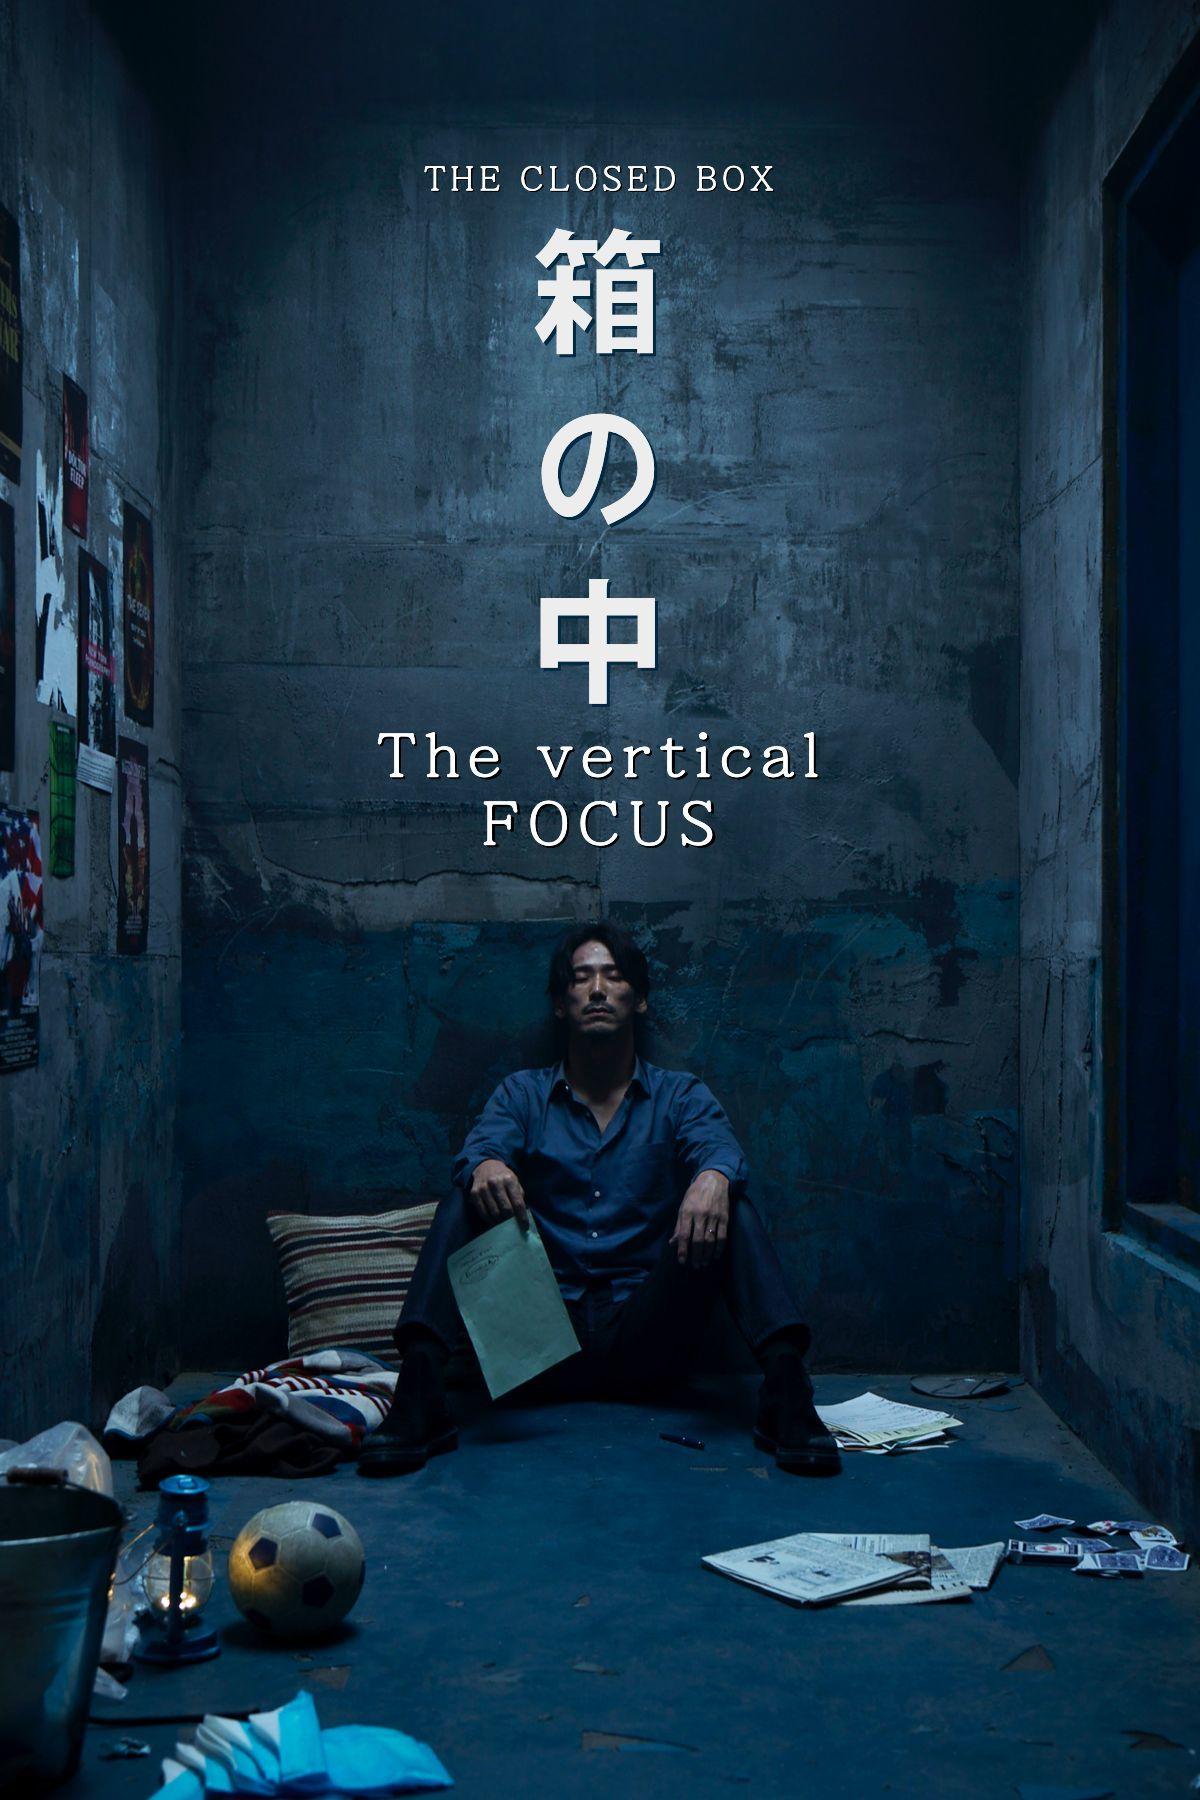 『箱の中 The vertical FOCUS』 smash.オリジナルシリーズ。12月5日より独占配信スタート。